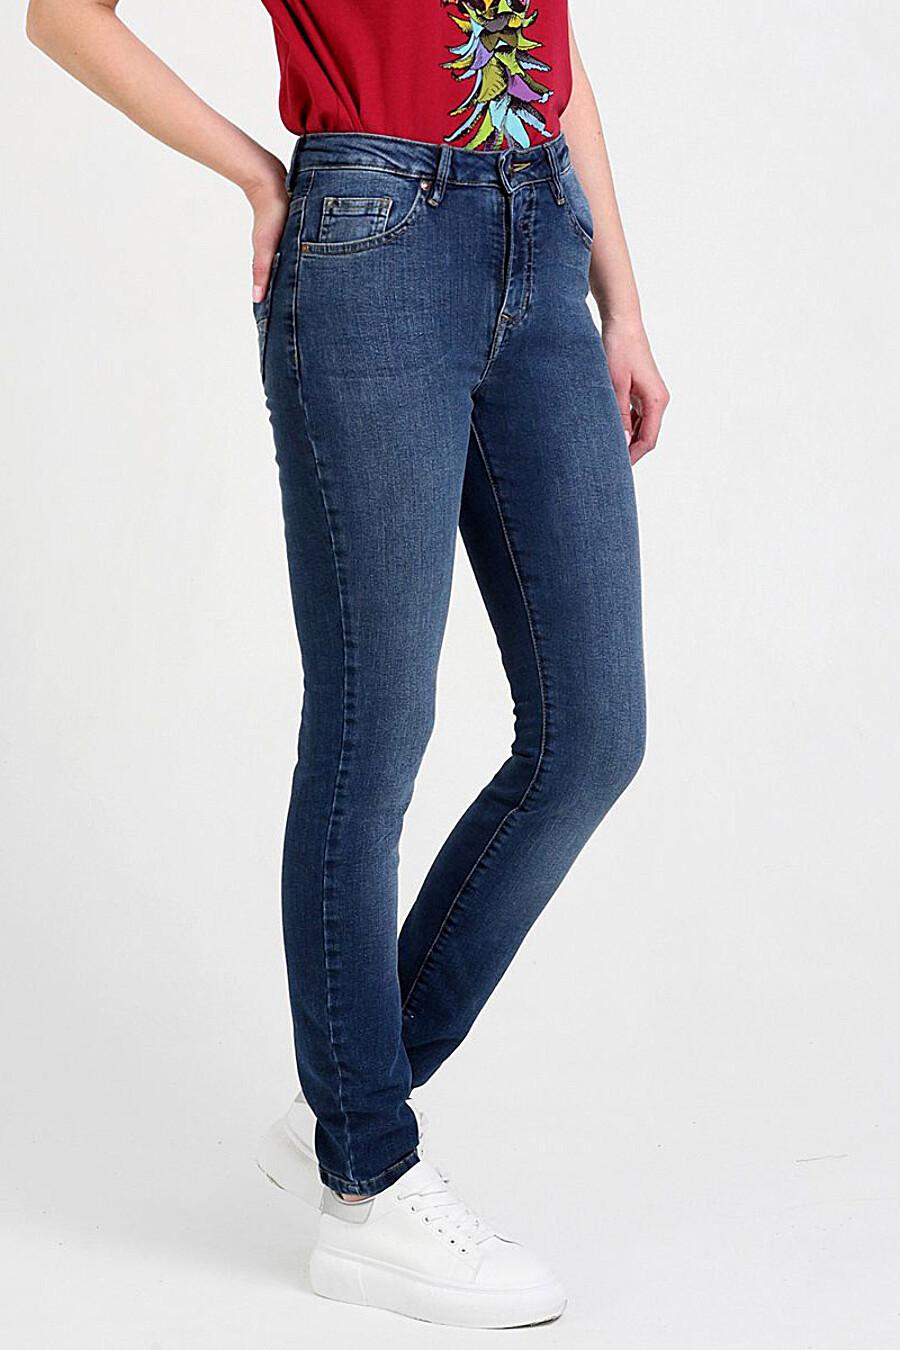 Джинсы для женщин F5 184843 купить оптом от производителя. Совместная покупка женской одежды в OptMoyo